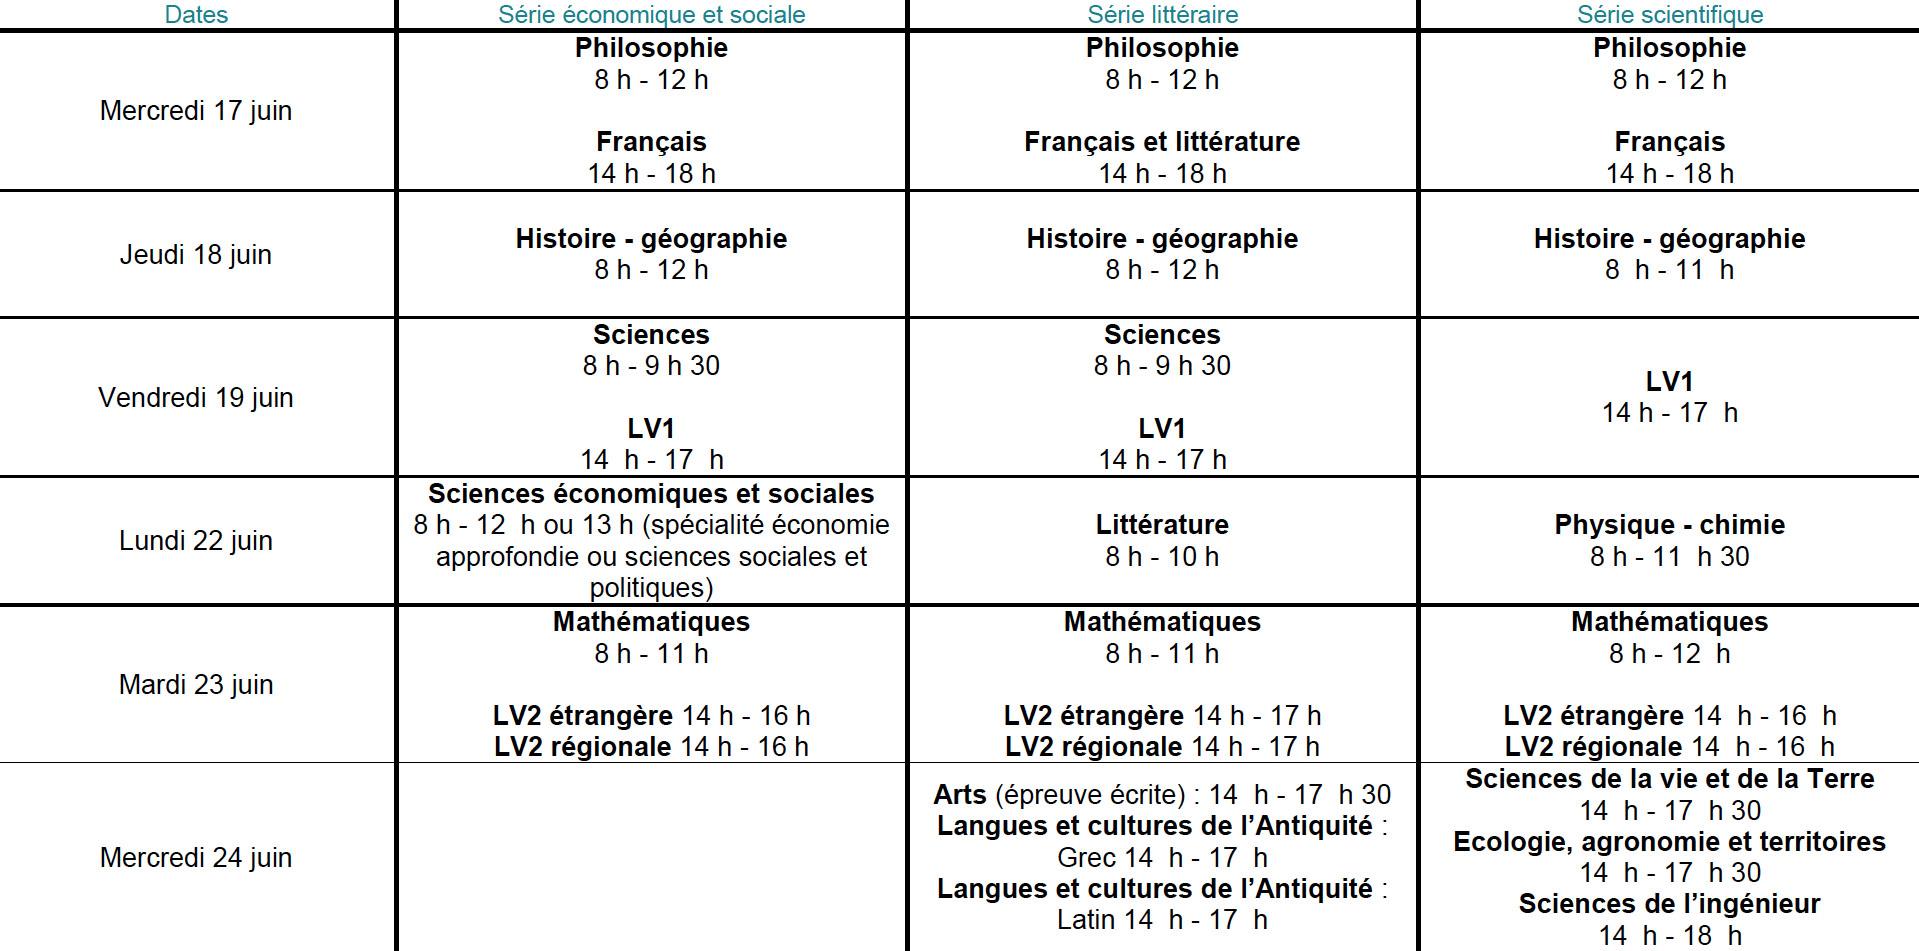 Calendrier Bac 2020.Le Calendrier Des Epreuves Du Baccalaureat 2020 Langlois